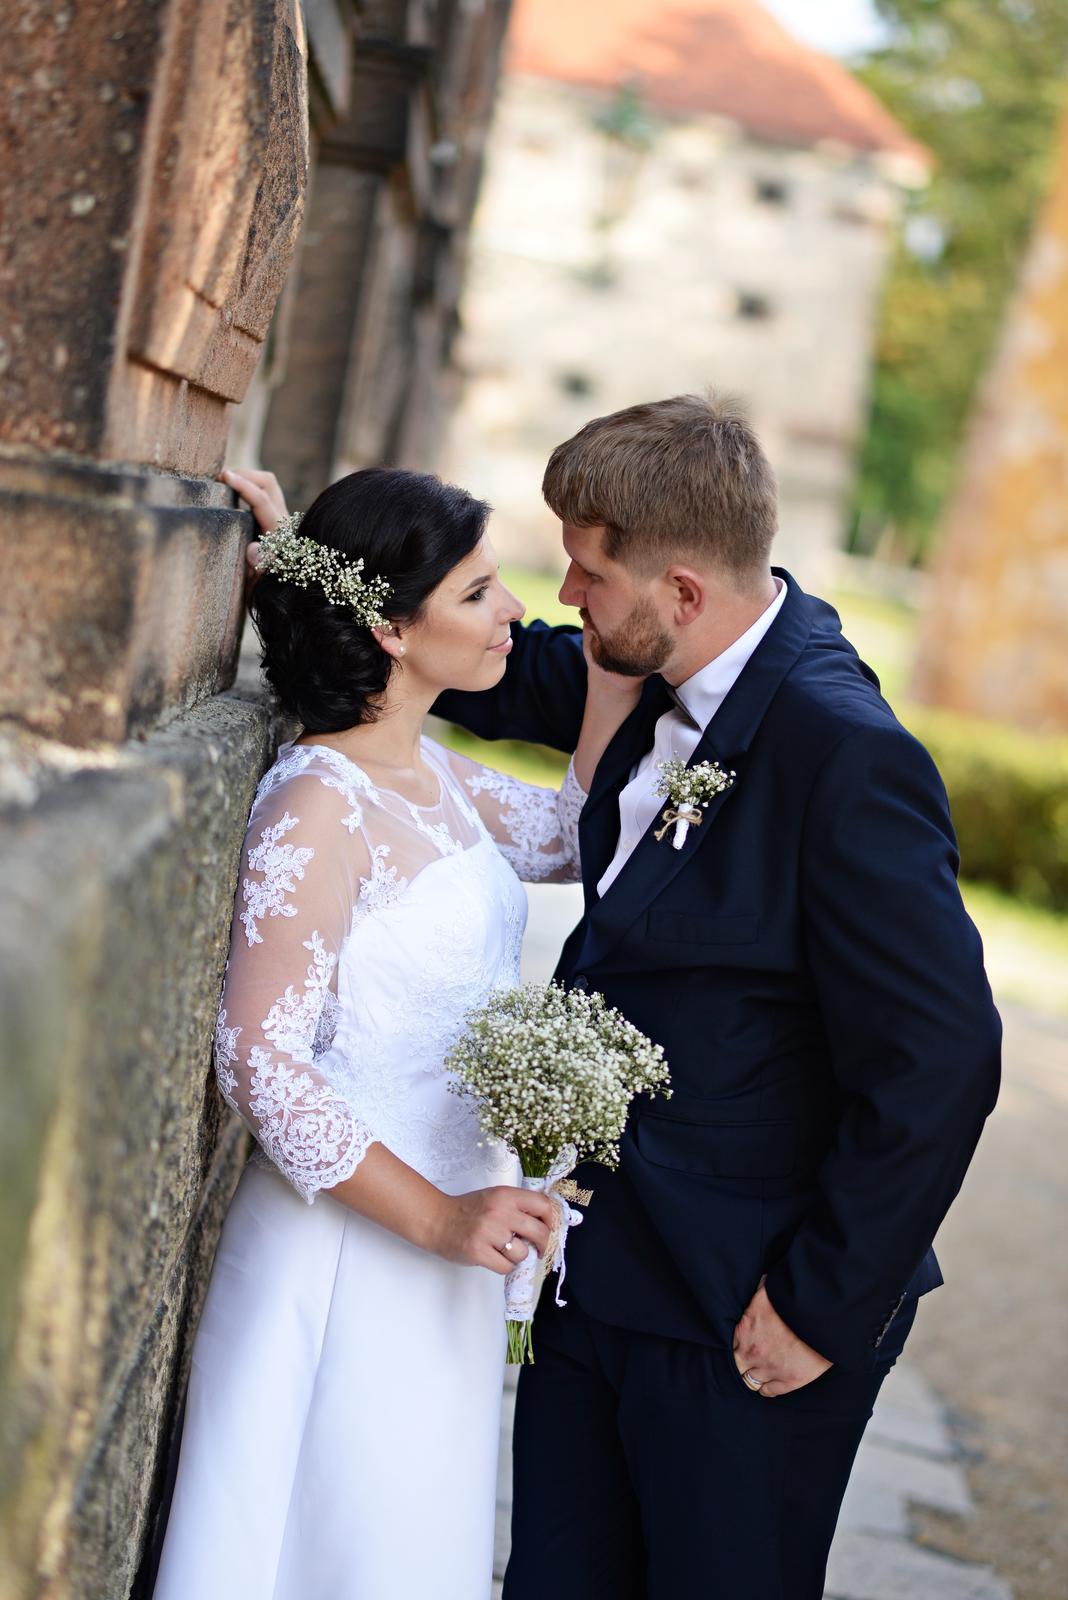 Svatební šaty - bílé s krajkou, vel. 38 - Obrázek č. 1